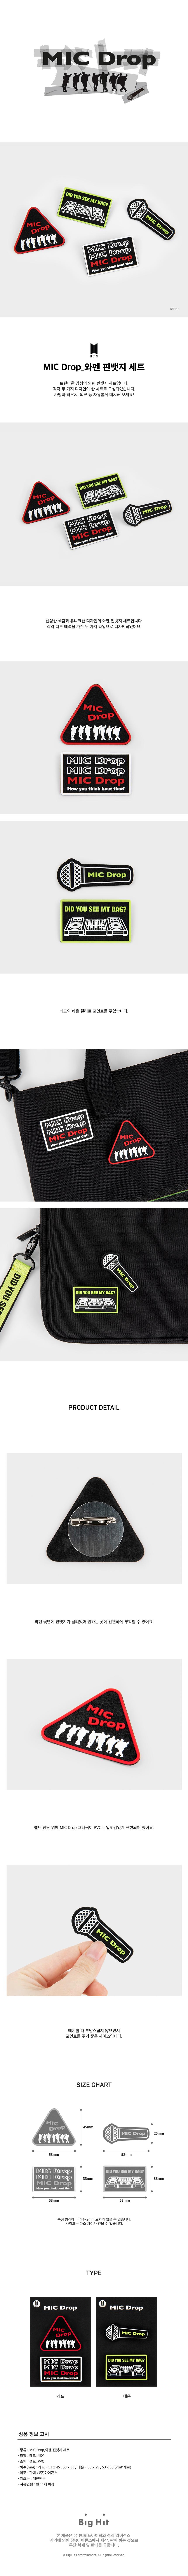 [BTS] MIC Drop Wappen Pin Badge Set-holiholic.com